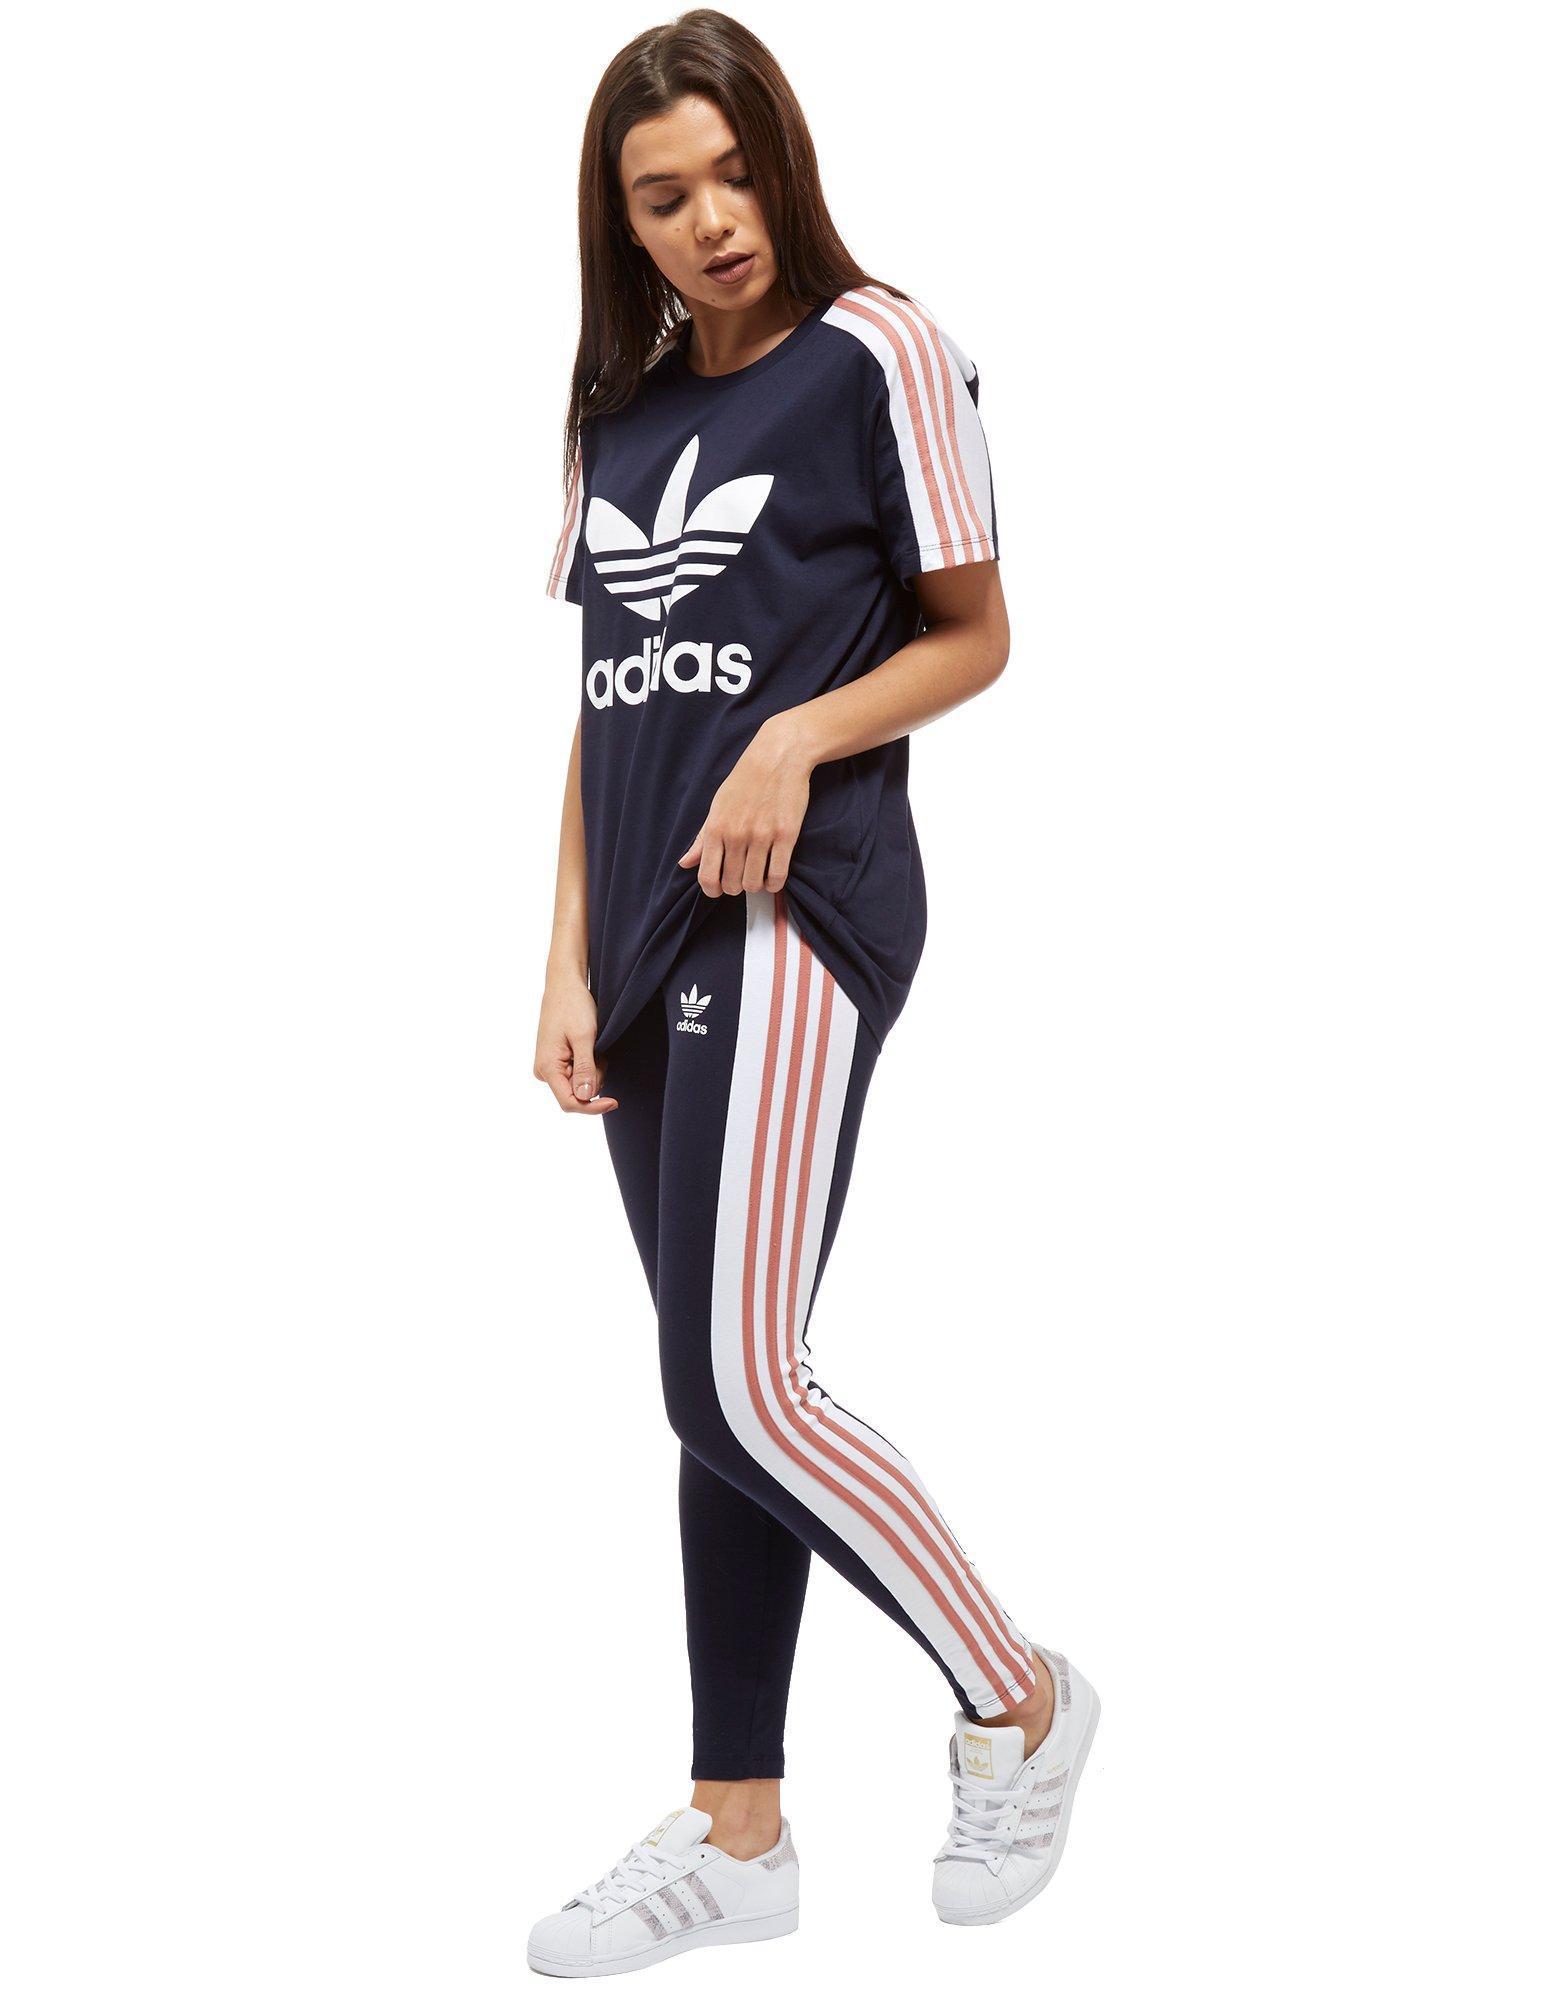 Adidas Originals Blue 3-stripes Panel Leggings